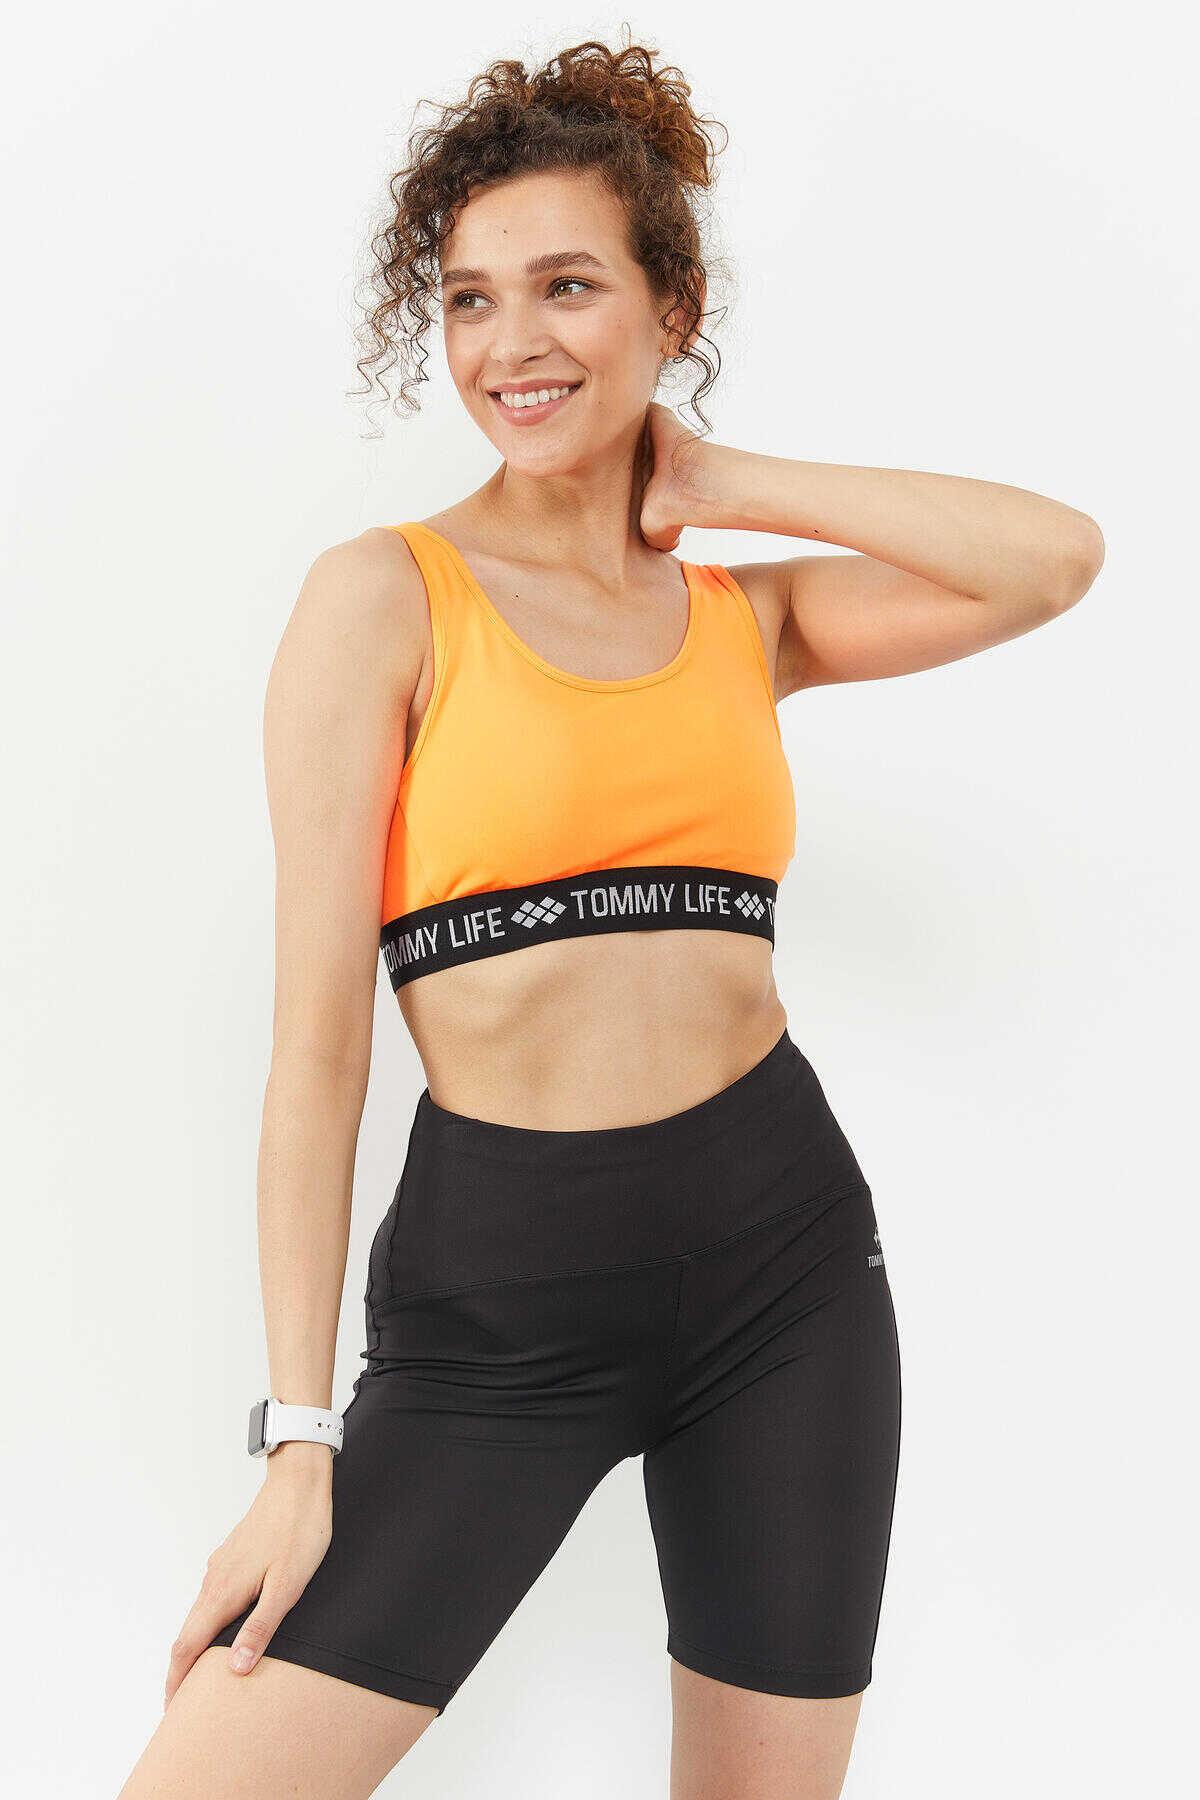 Tommy Life Toptan Neon oranj Kadın Yazı Şeritli Standart Kalıp U Yaka Spor Büstiyer - 97113